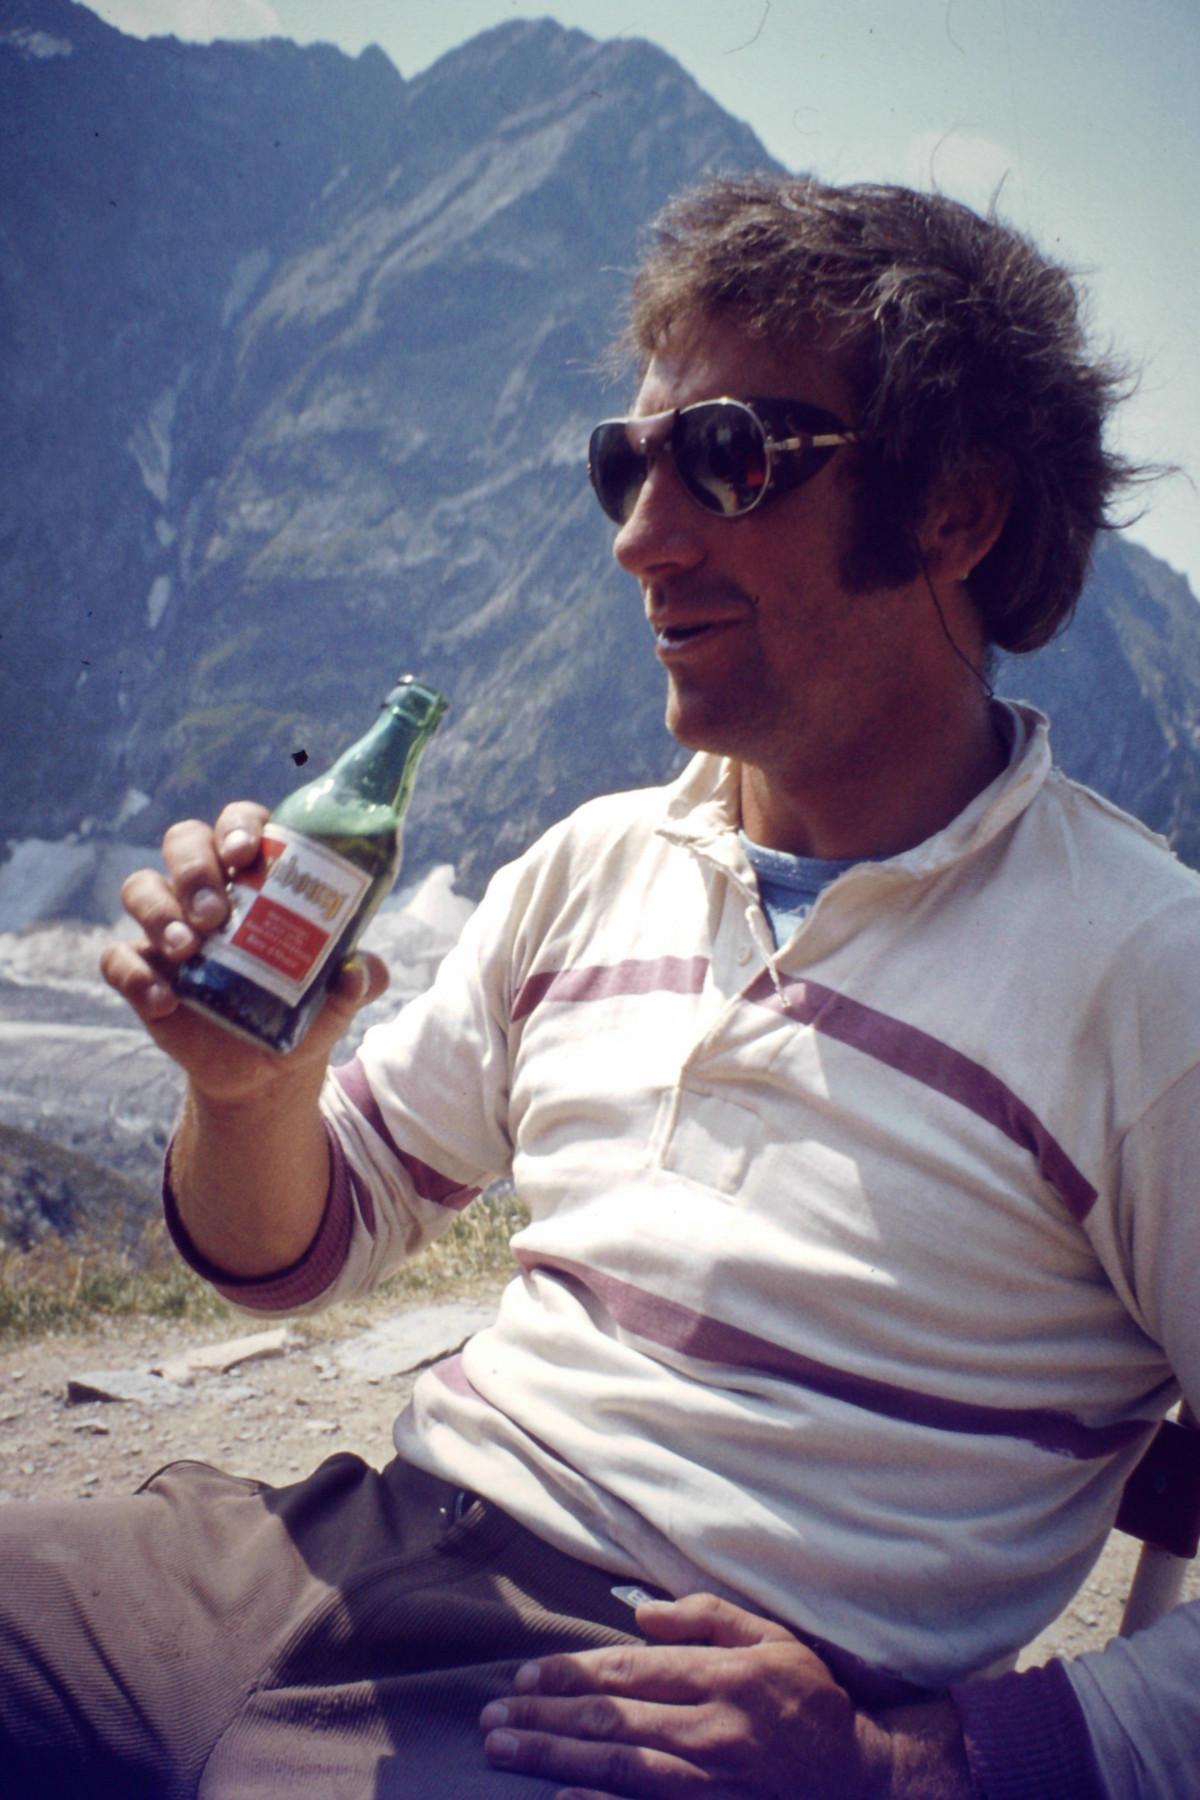 Férfi vakáció szemüveg idegenforgalom napszemüveg utazás hegy 5151eac106